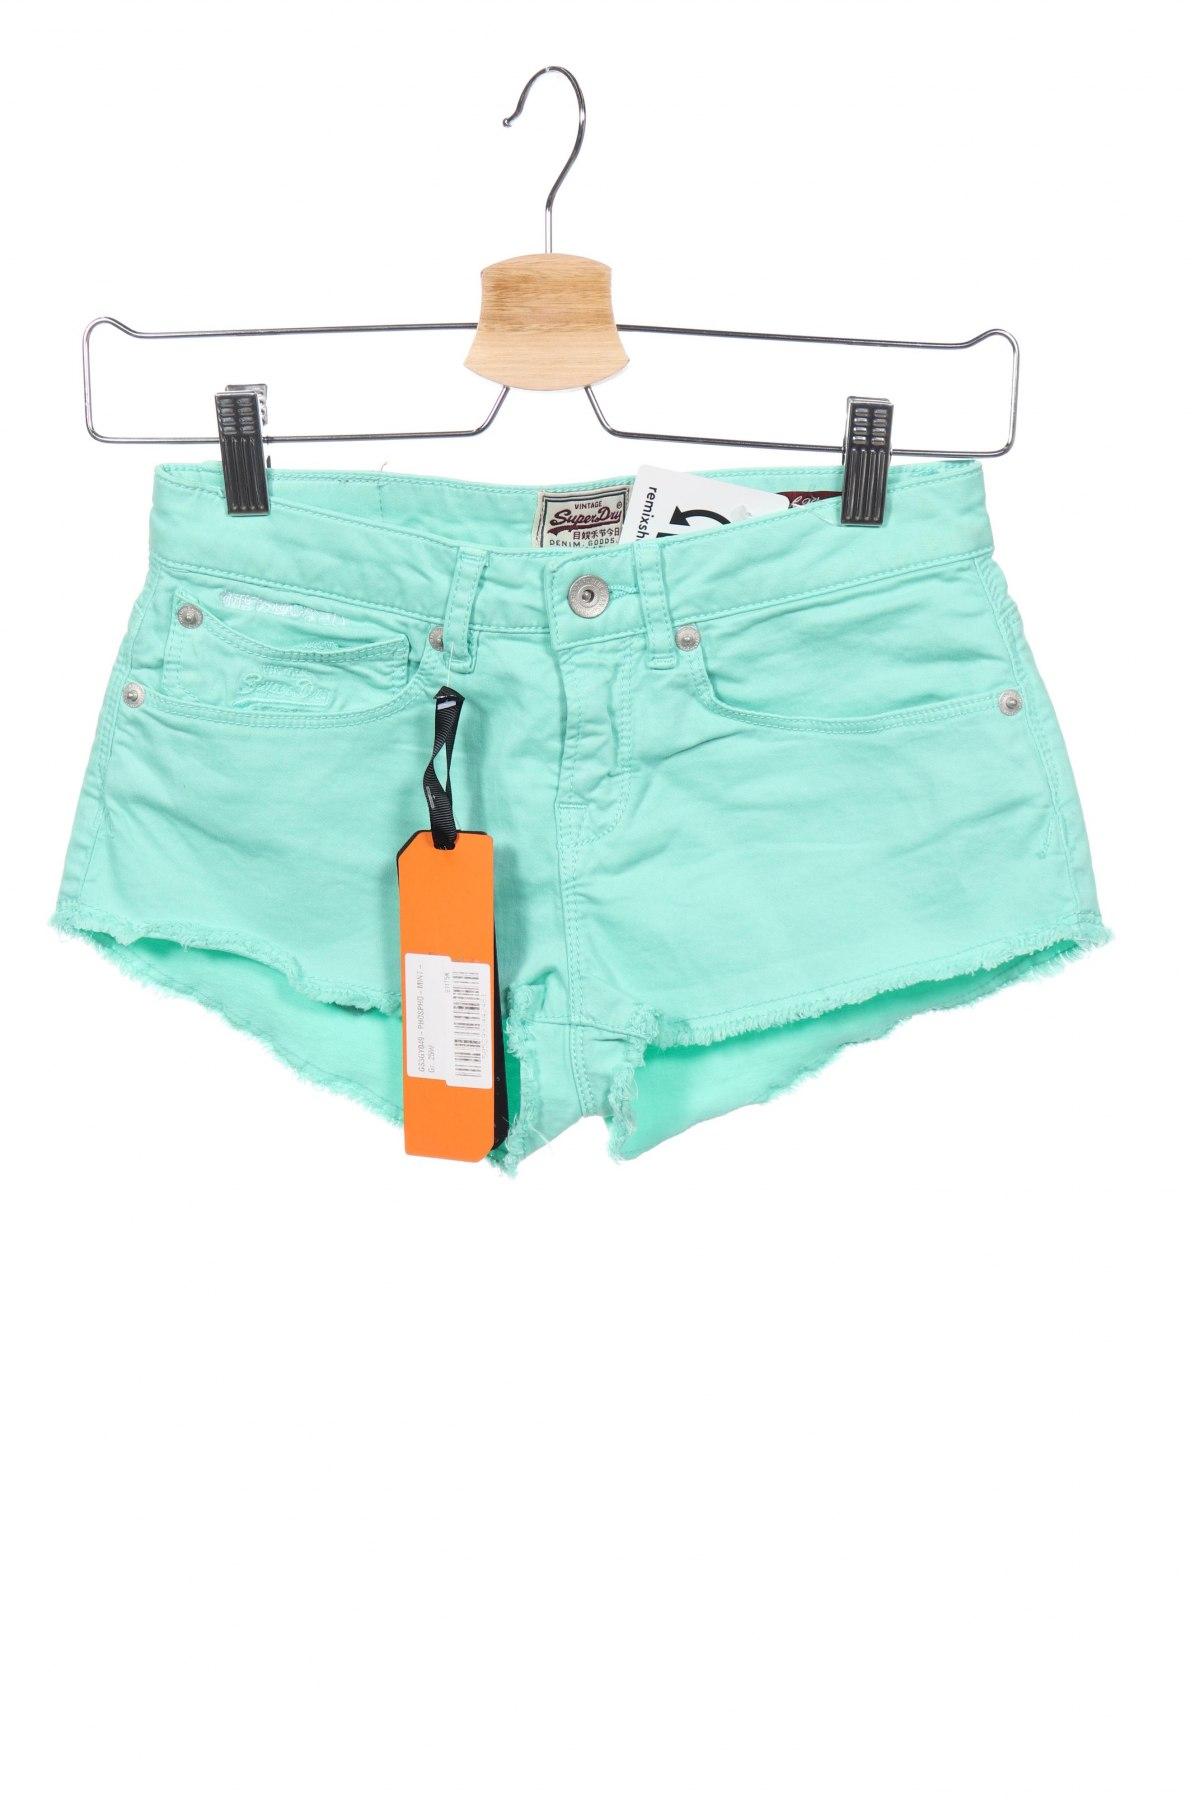 Γυναικείο κοντό παντελόνι Superdry, Μέγεθος XS, Χρώμα Πράσινο, 96% βαμβάκι, 4% ελαστάνη, Τιμή 18,25€